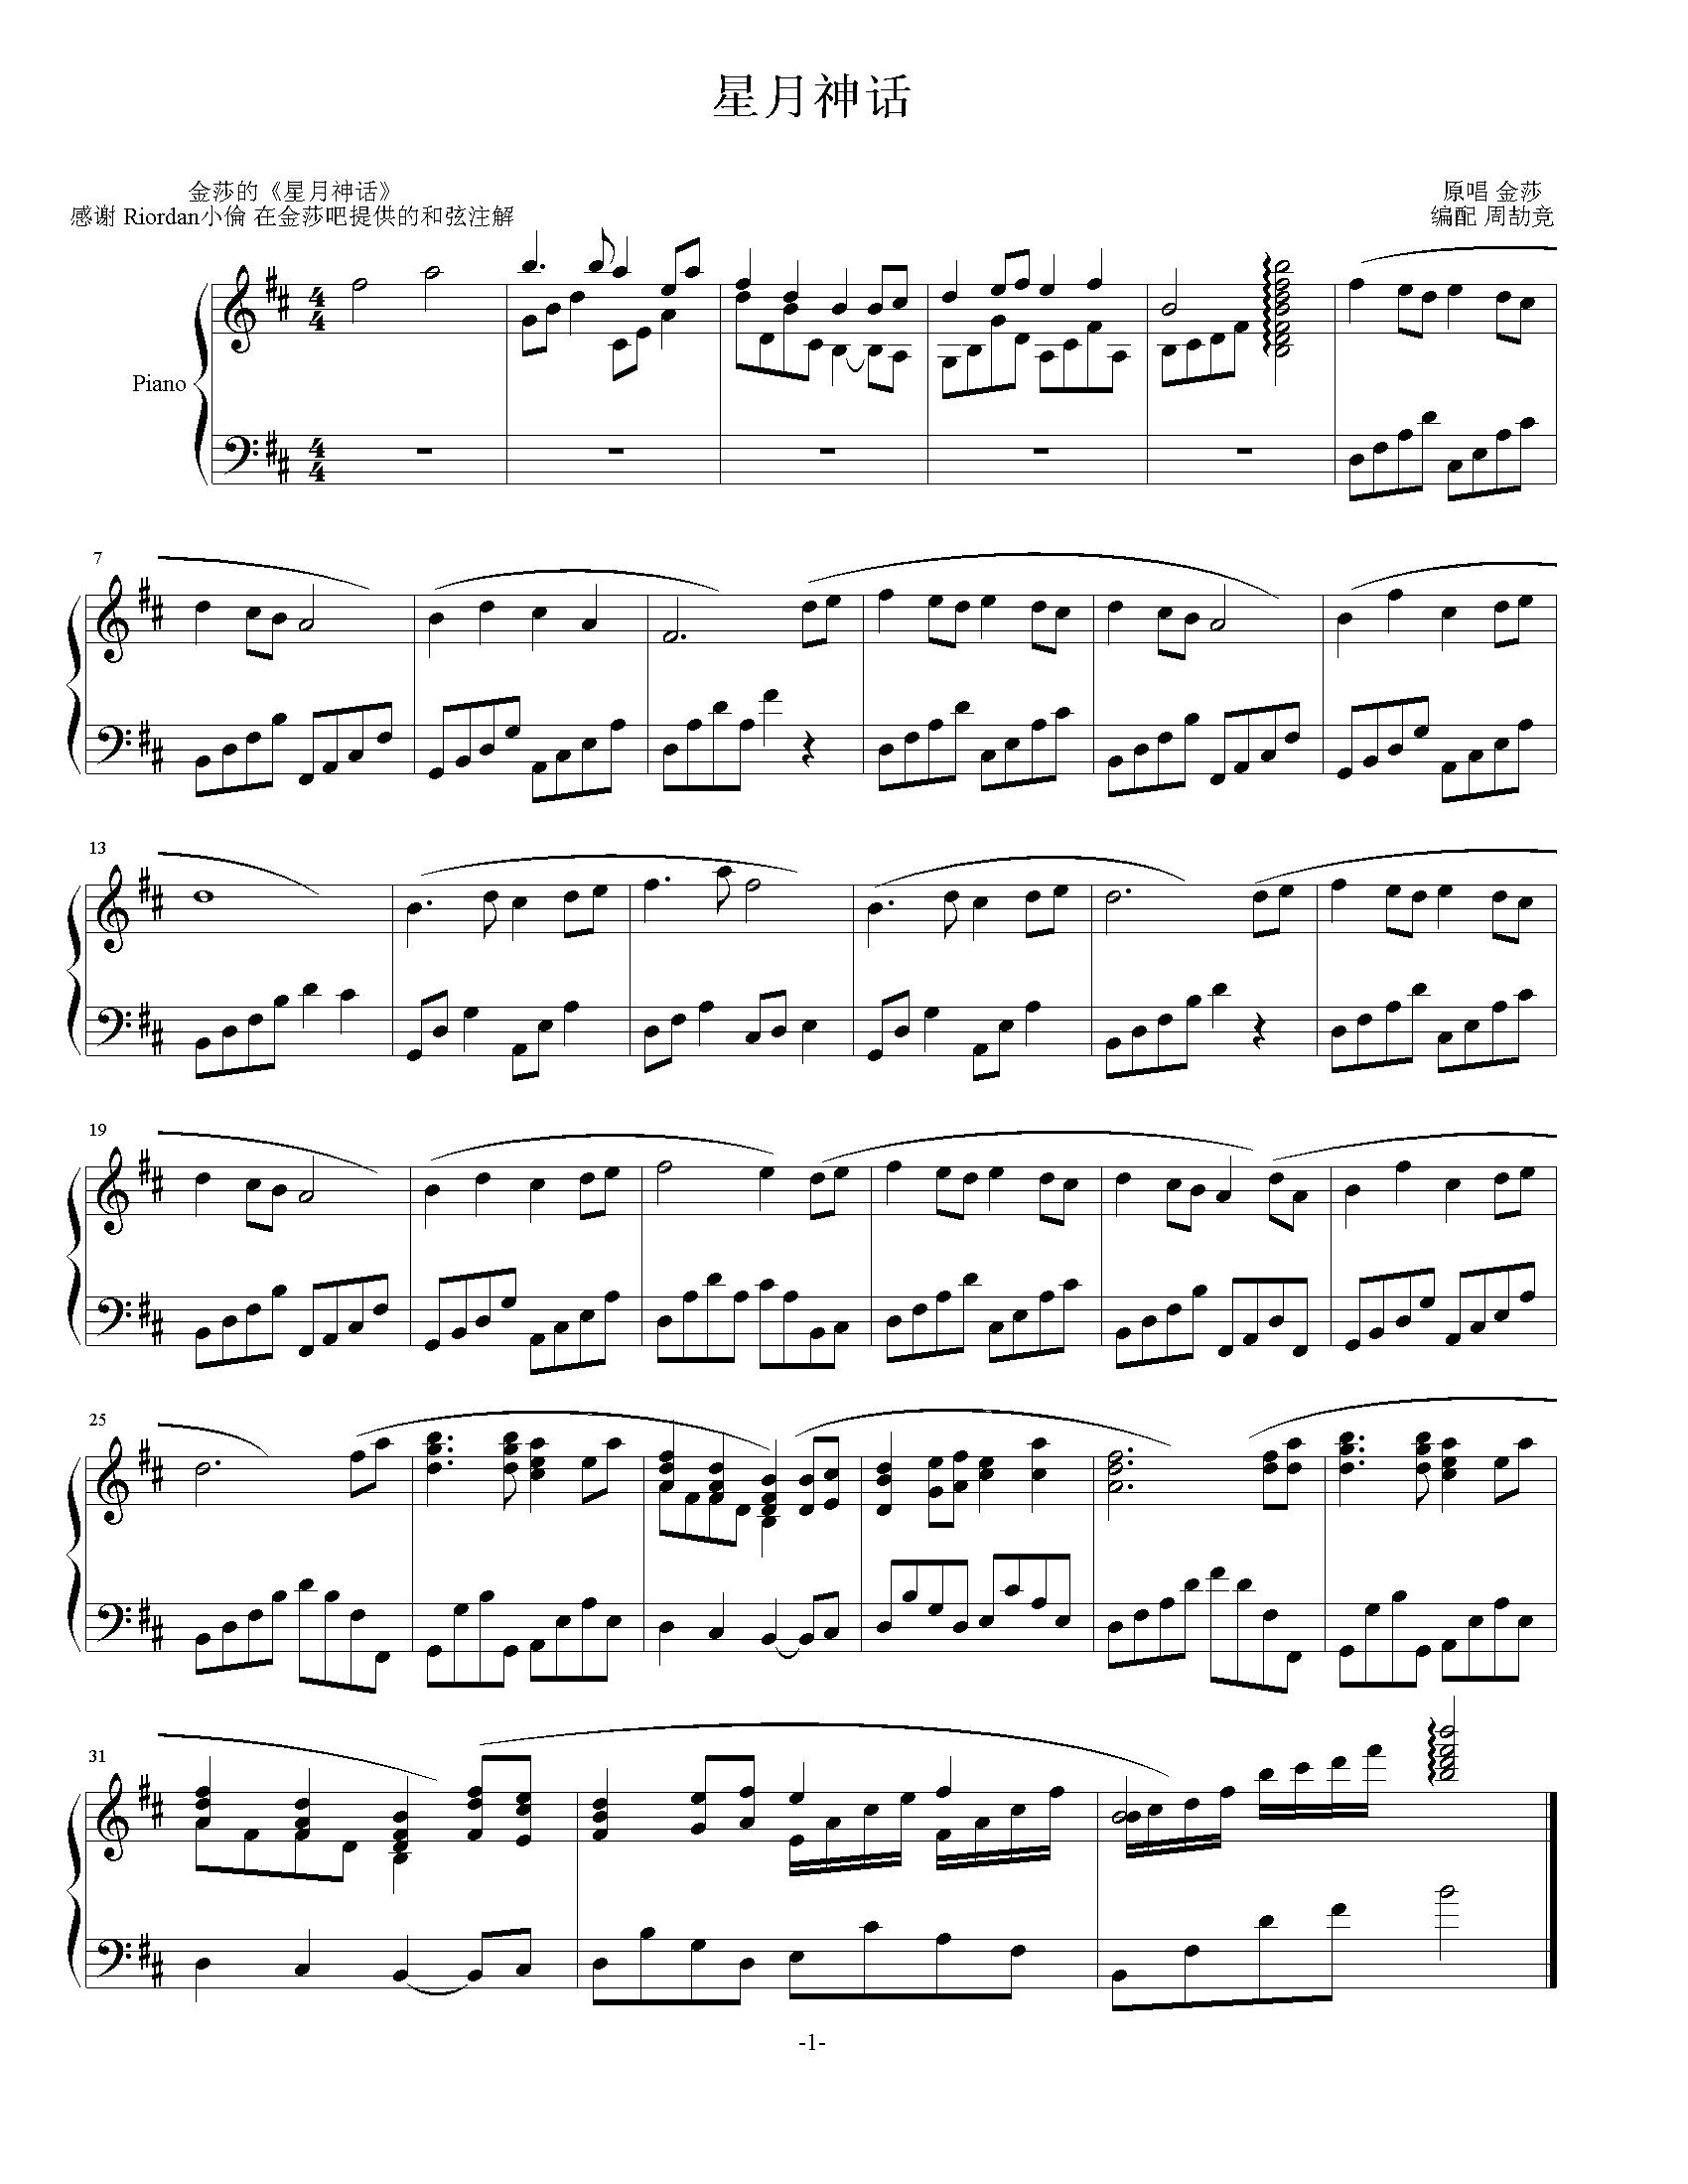 星月神话钢琴曲谱 以及小提琴曲谱[五线谱]